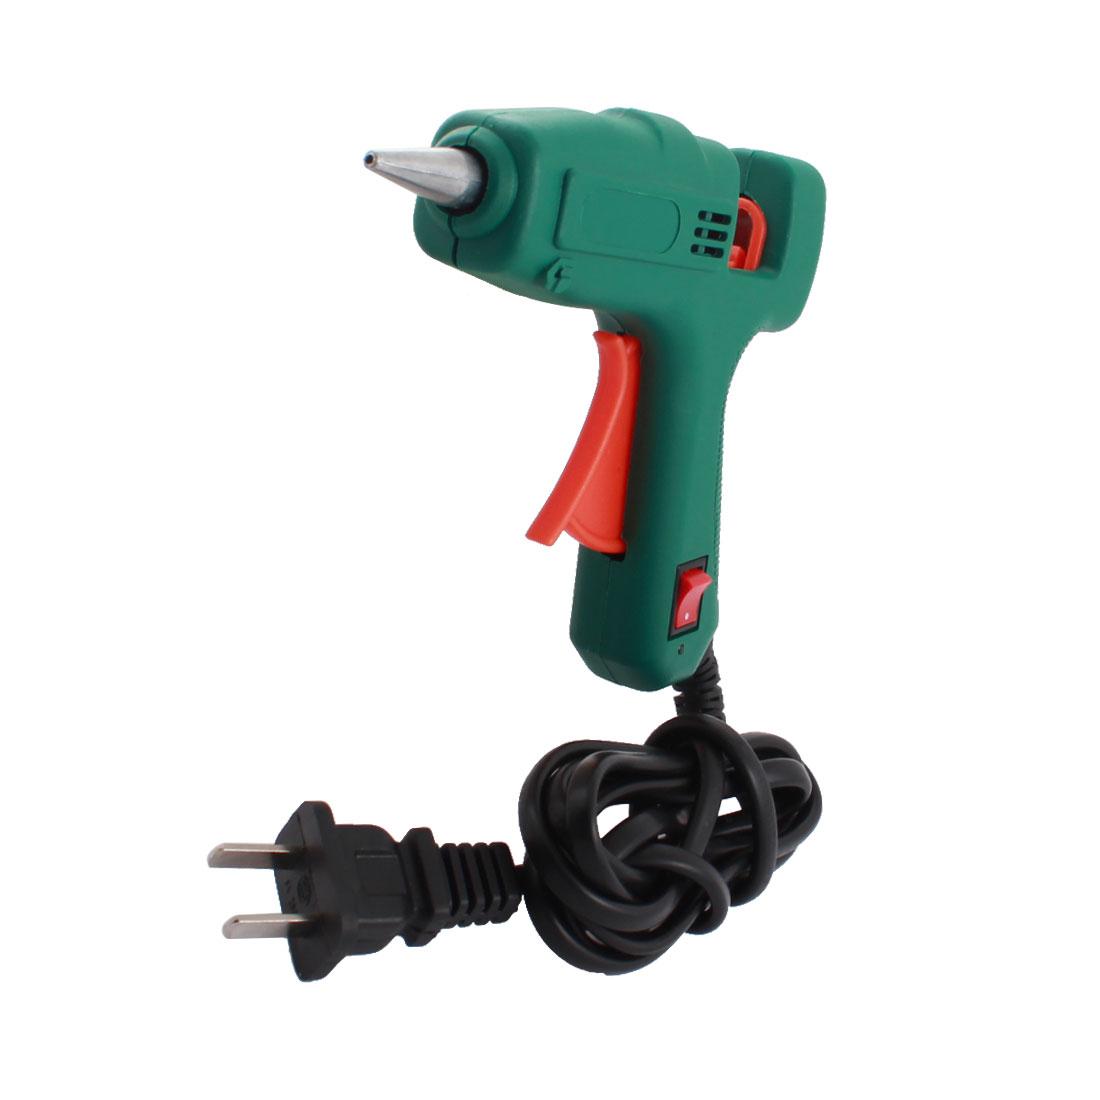 AC 100-240V US Plug 25W Hot Melt Glue Gun w On off Control Switch by